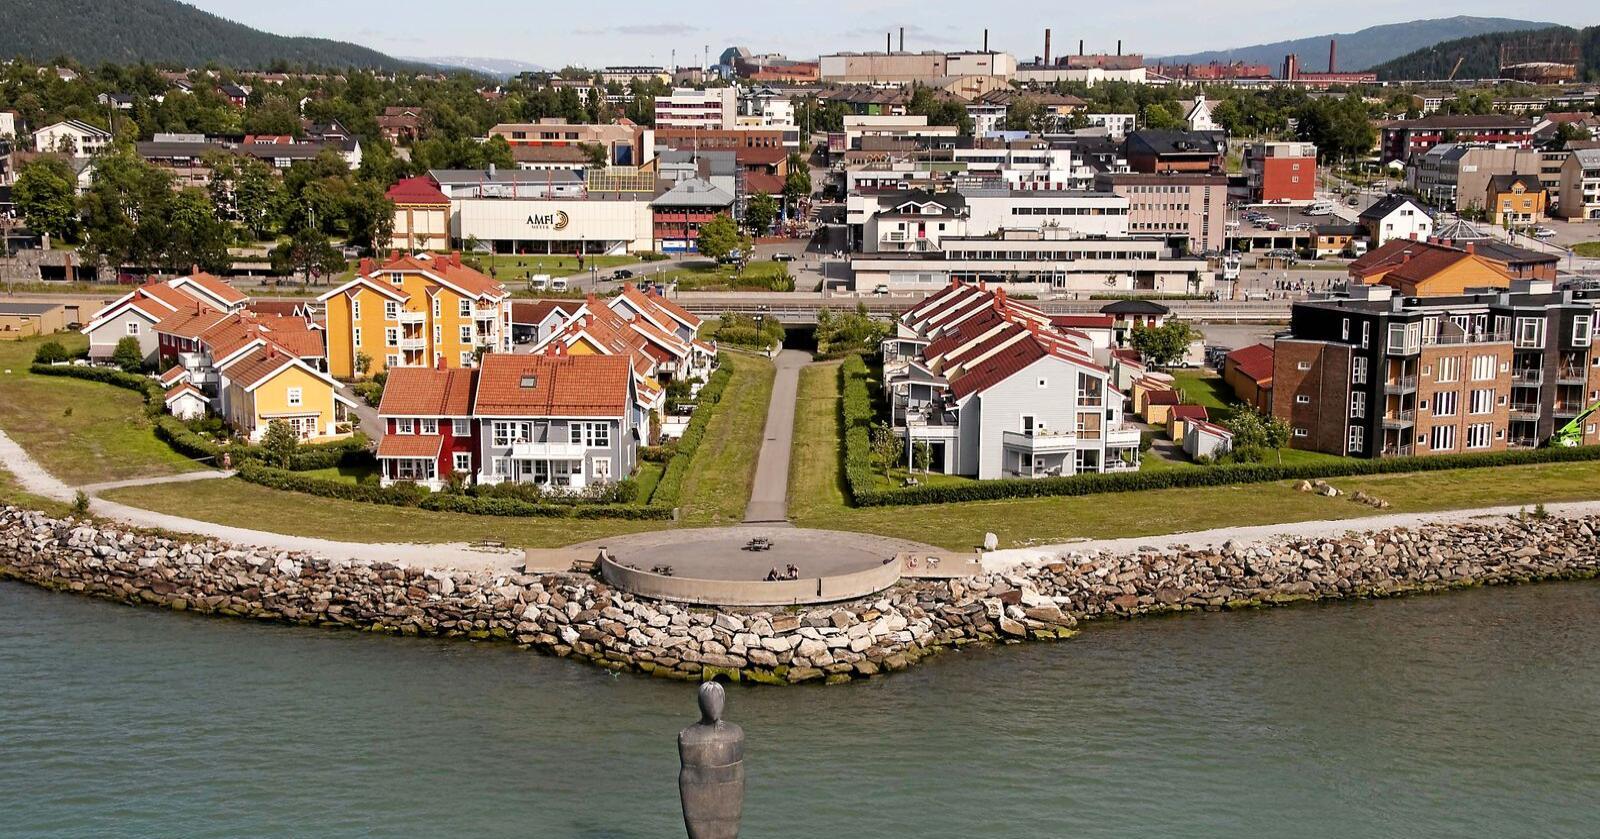 Mot strømmen: For tre år siden flyttet min lille familie mot strømmen – fra et etablert liv med gode jobber som advokater og stort nettverk i Oslo til Mo i Rana. Foto: HelgelandFakta / Wikipedia